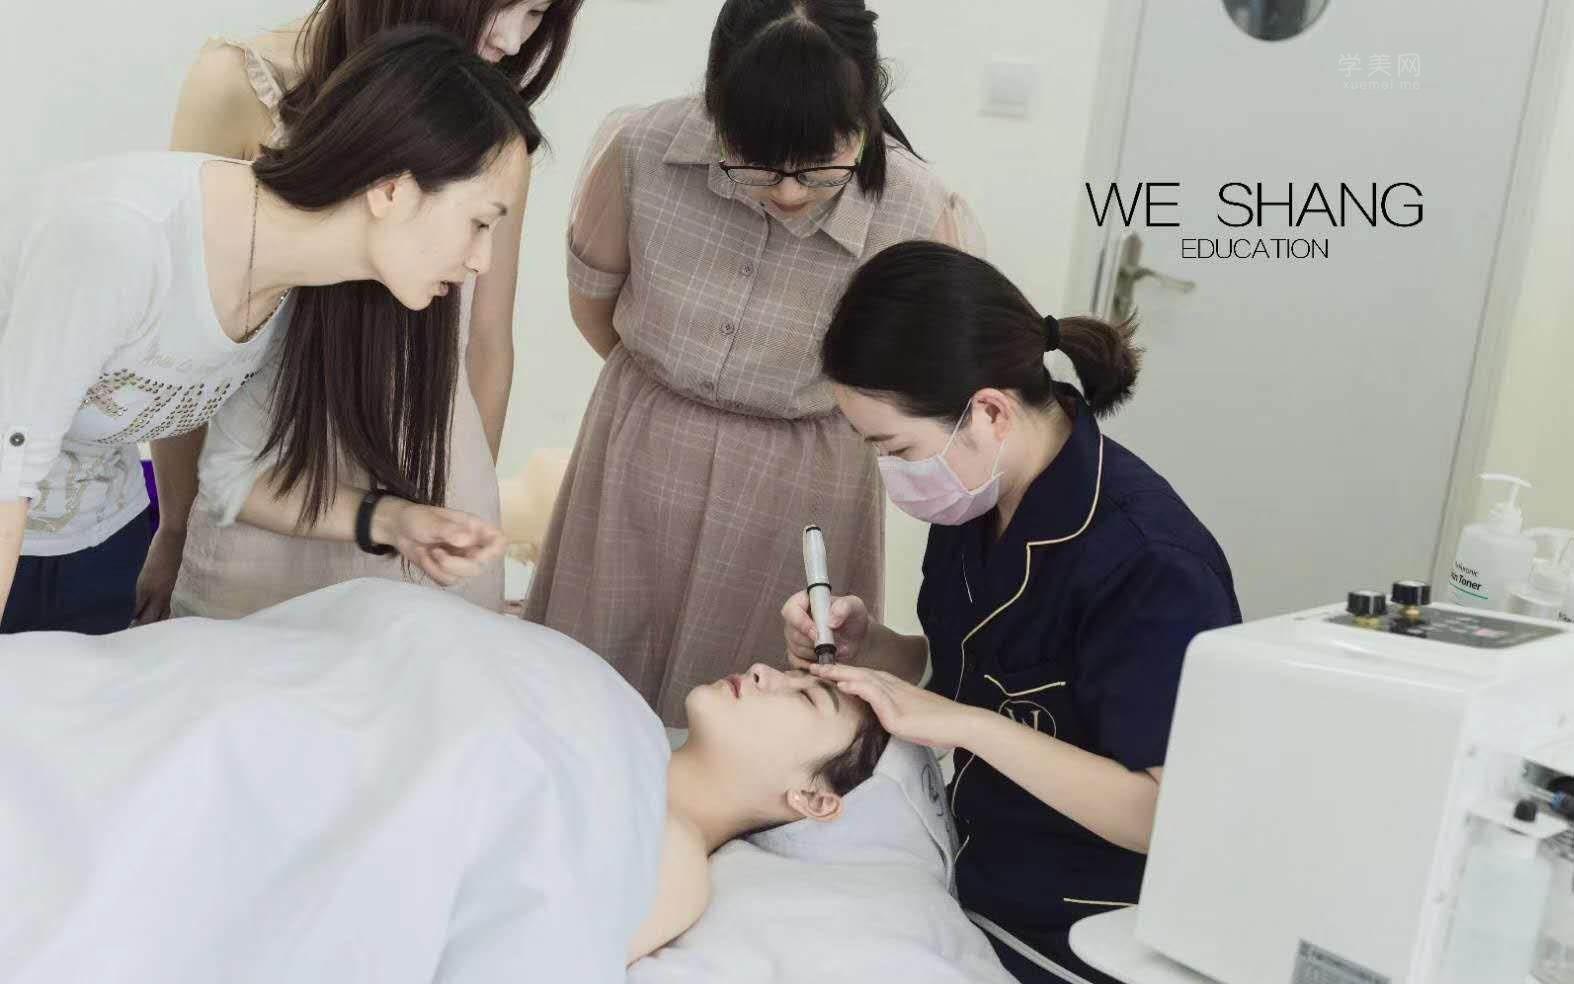 成都半永久培训学校We尚教育皮肤管理创业组合班